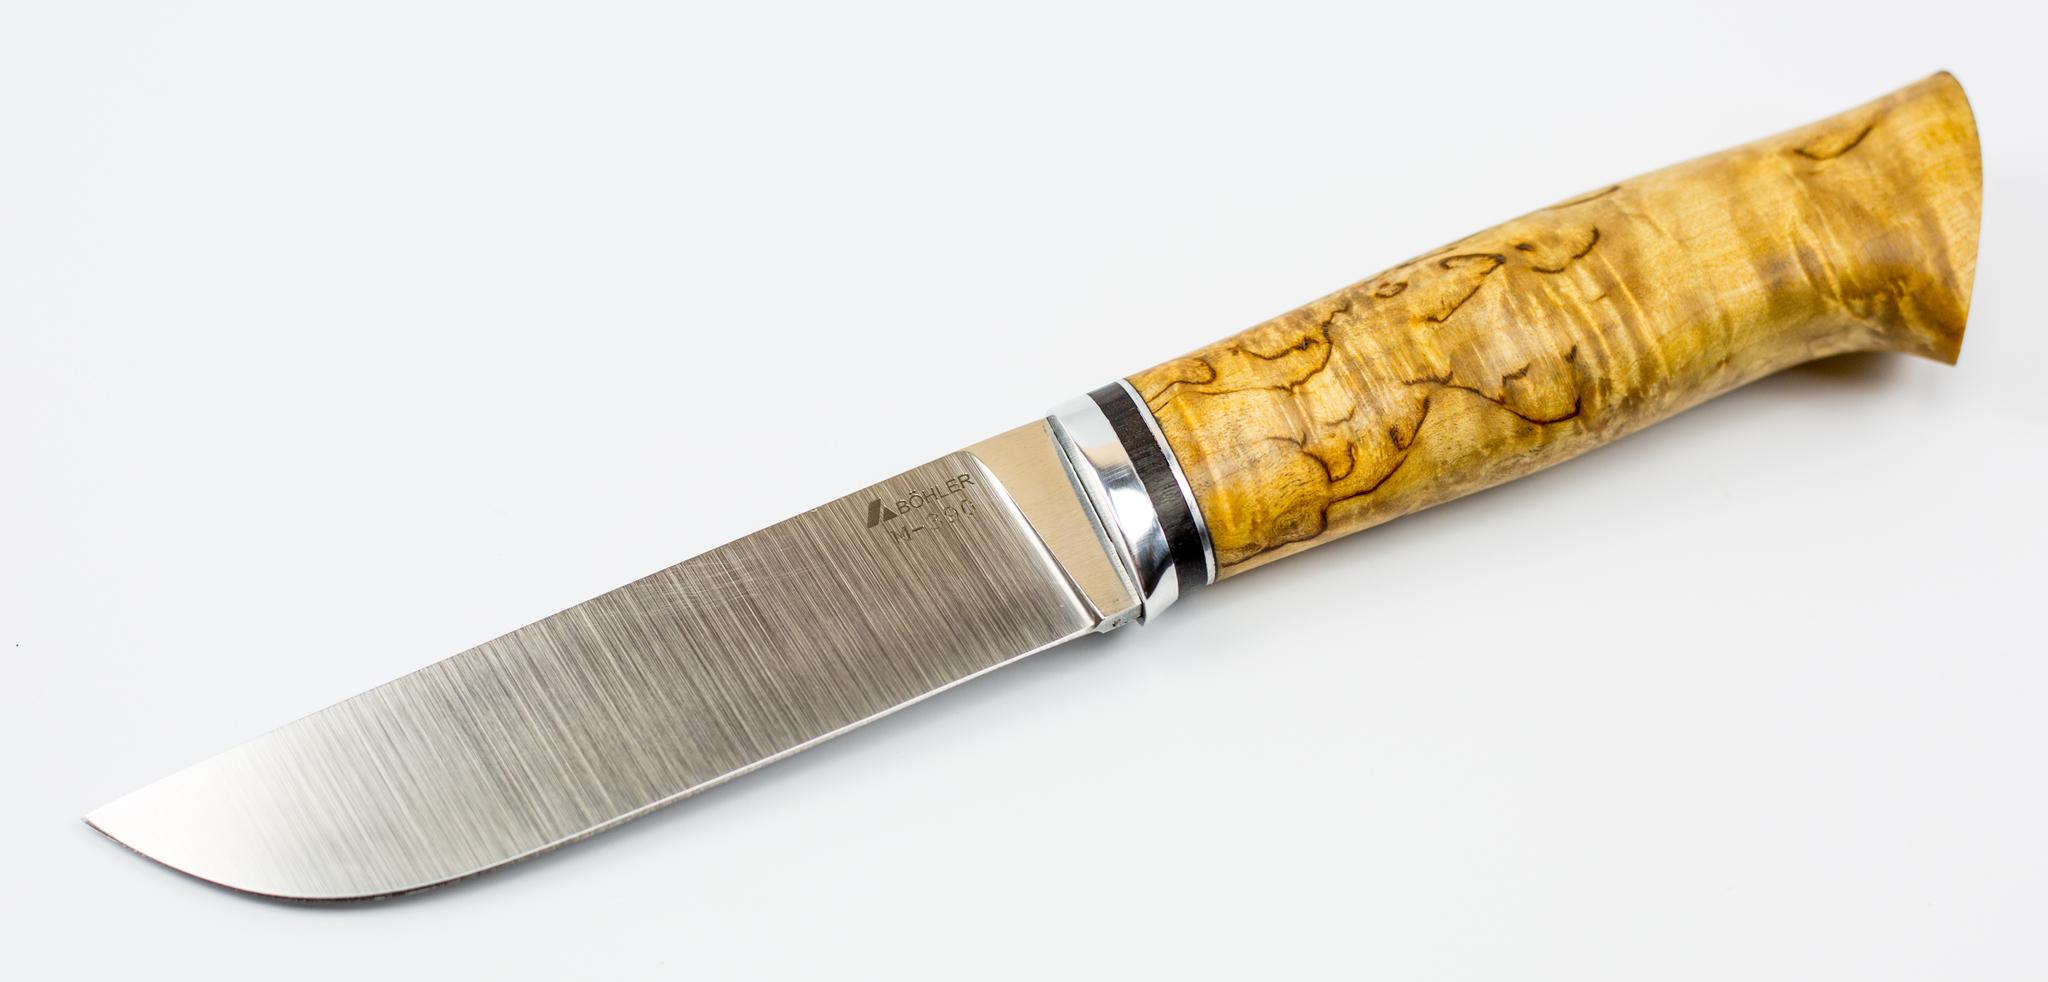 Туристический нож Граф, рукоять - карельская береза, сталь Bhler M-390Ножи Ворсма<br>Туристический нож Граф станет незаменим в походе, на рыбалке или охоте. Чехол из черной кожи, прошит крепкими нитками и надежно сохранит лезвие от повреждений. Клинок выполнен из первоклассной стали Bhler M-390, которая не боится слома и не поддается образованию ржавчины.  Режущая кромка оснащена двухсторонней симметричной заточкой, устойчивой к затуплению, а по мере необходимости легко правиться. Рукоять создана из прочной карельской березы. Поверхность светлого натурального цвета отлично ложится в ладонь и не скользит.<br>